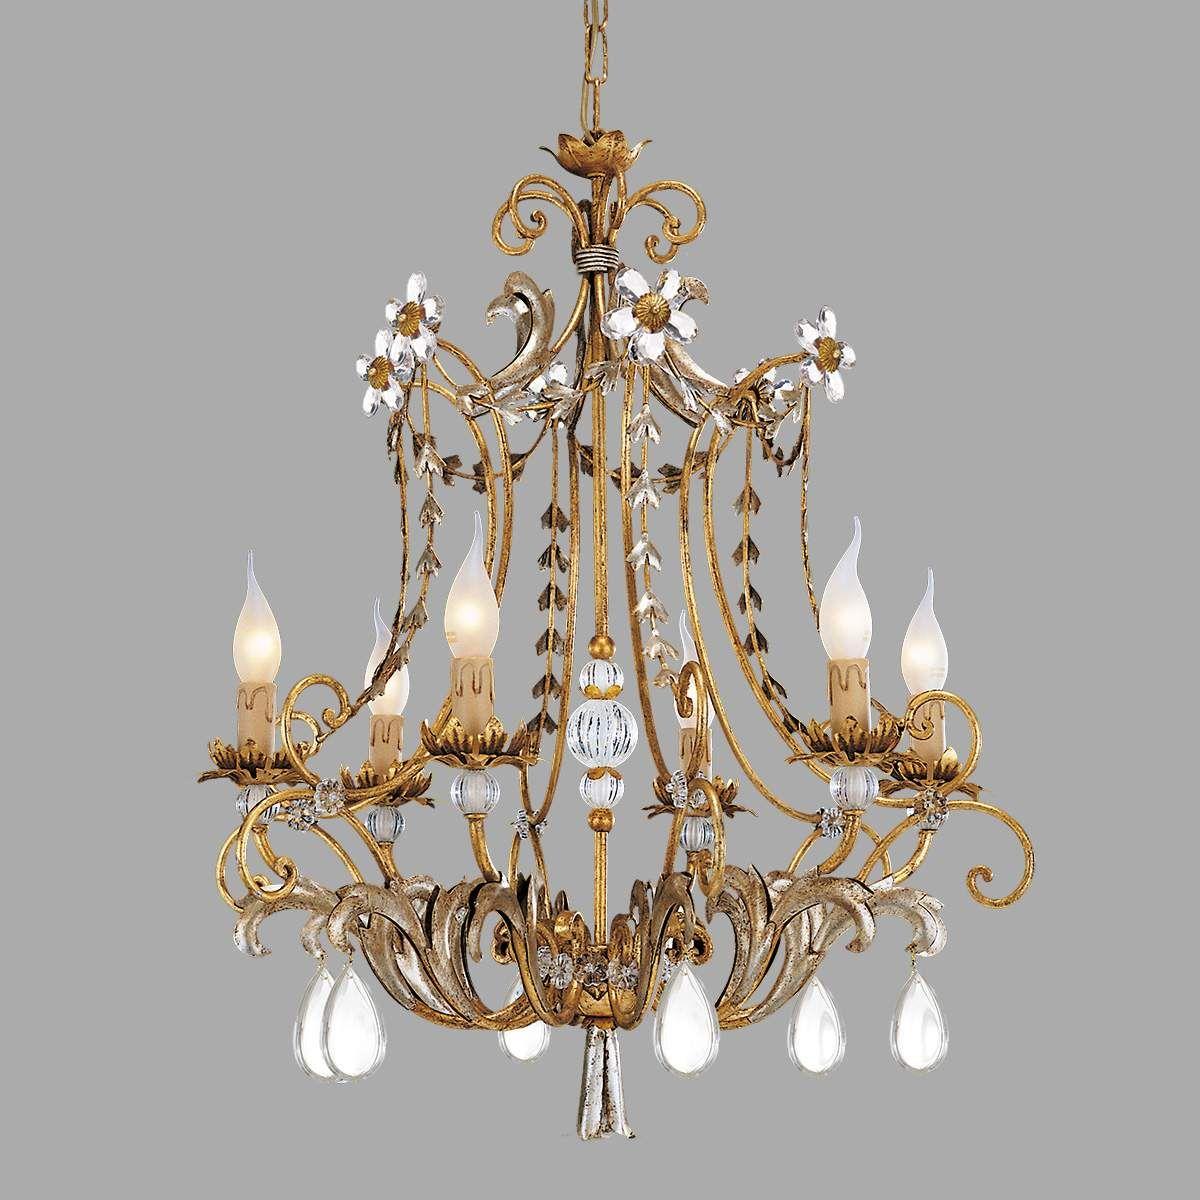 Kronleuchter Mit Lampen Und Kerzen   Ac110v 10w B22 Led Kerze Lampe ...